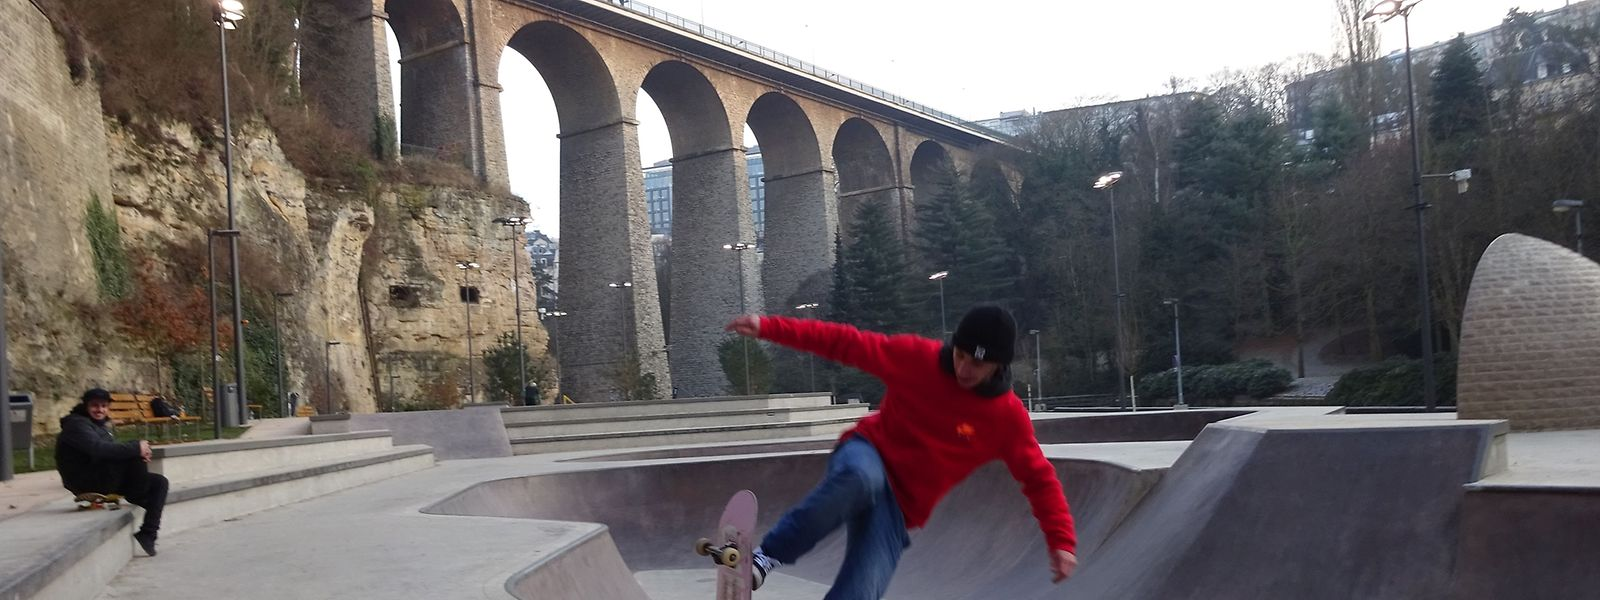 Skateboarden macht auch im Winter Spaß.